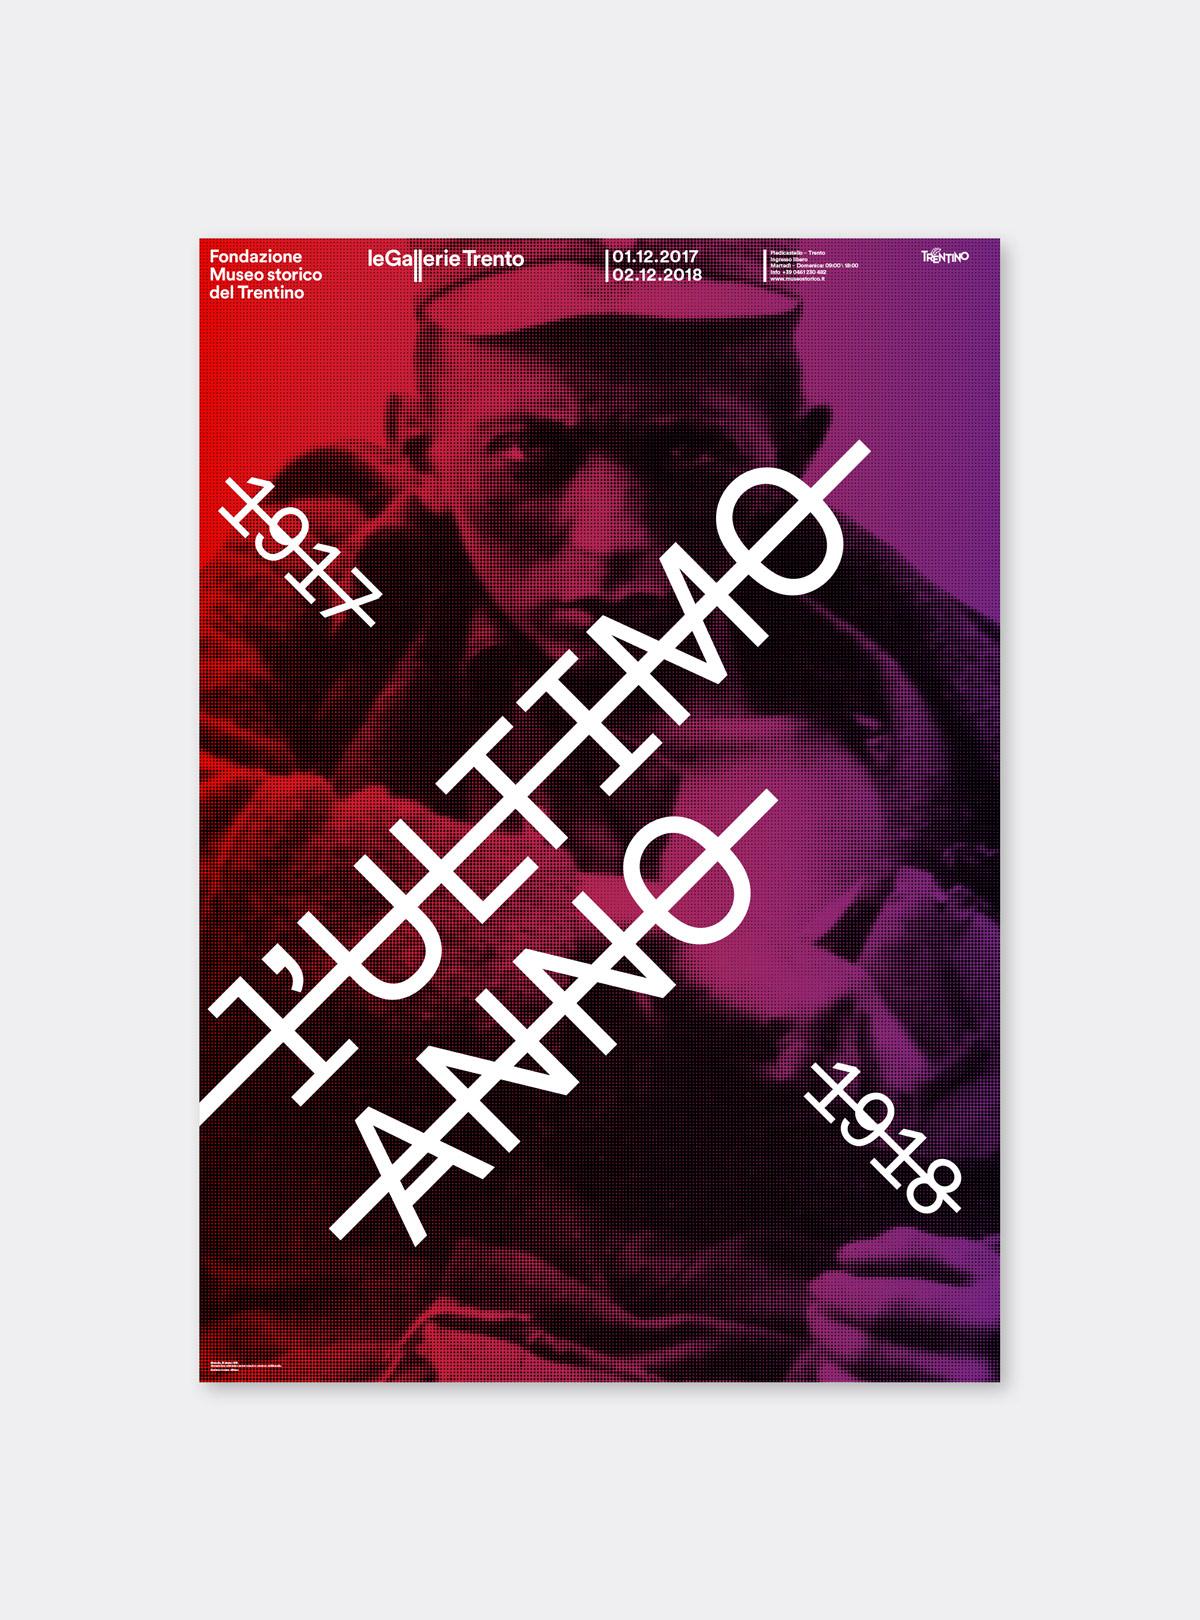 2018_L'ultimo-anno_Poster